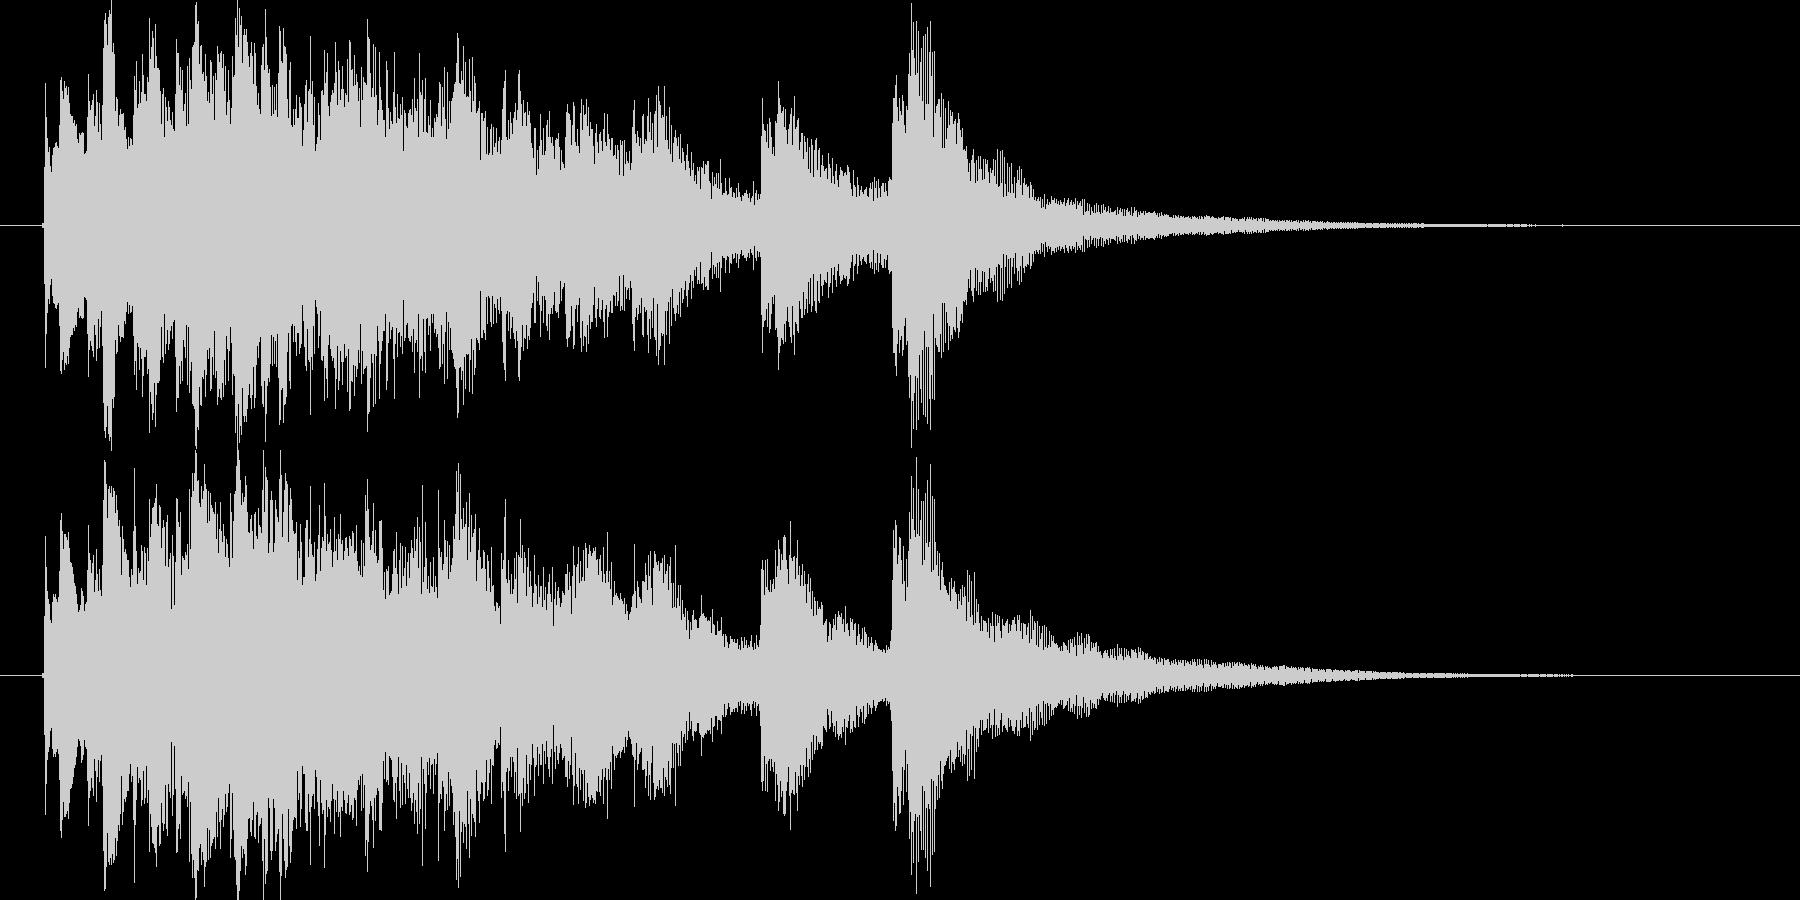 和風ショートジングル(琴)の未再生の波形